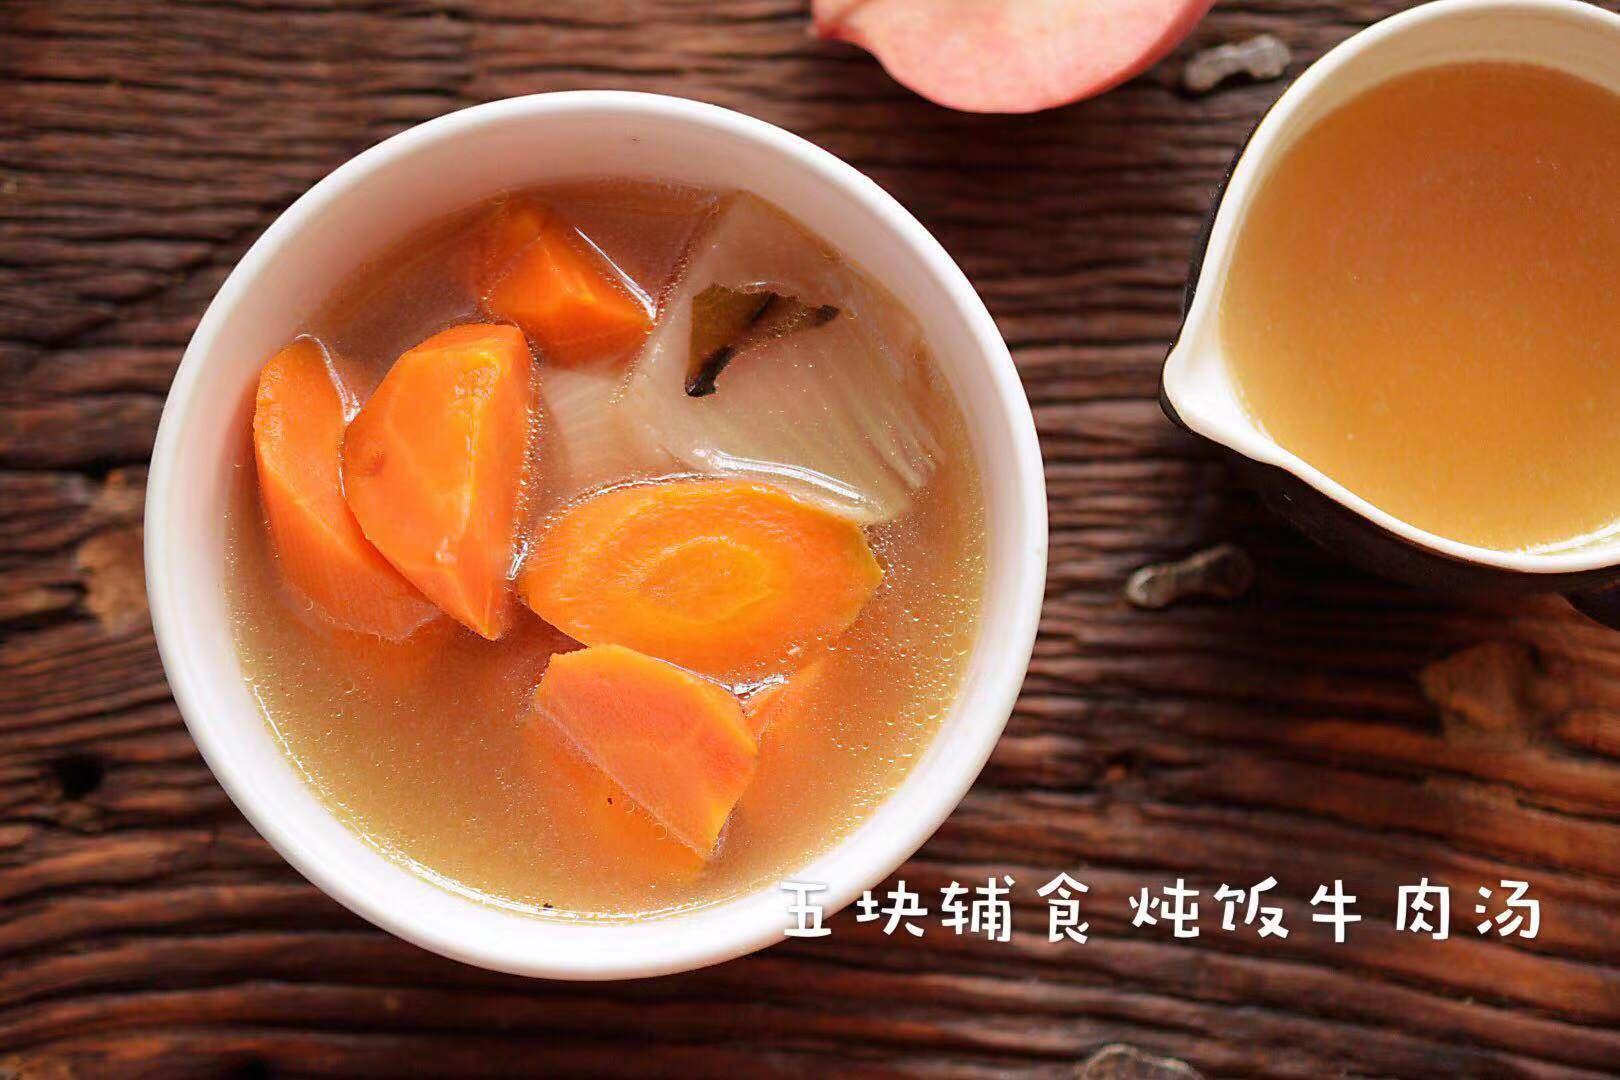 宝宝喝汤胃口好!省事又营养的家常万能汤底,比牛奶香!